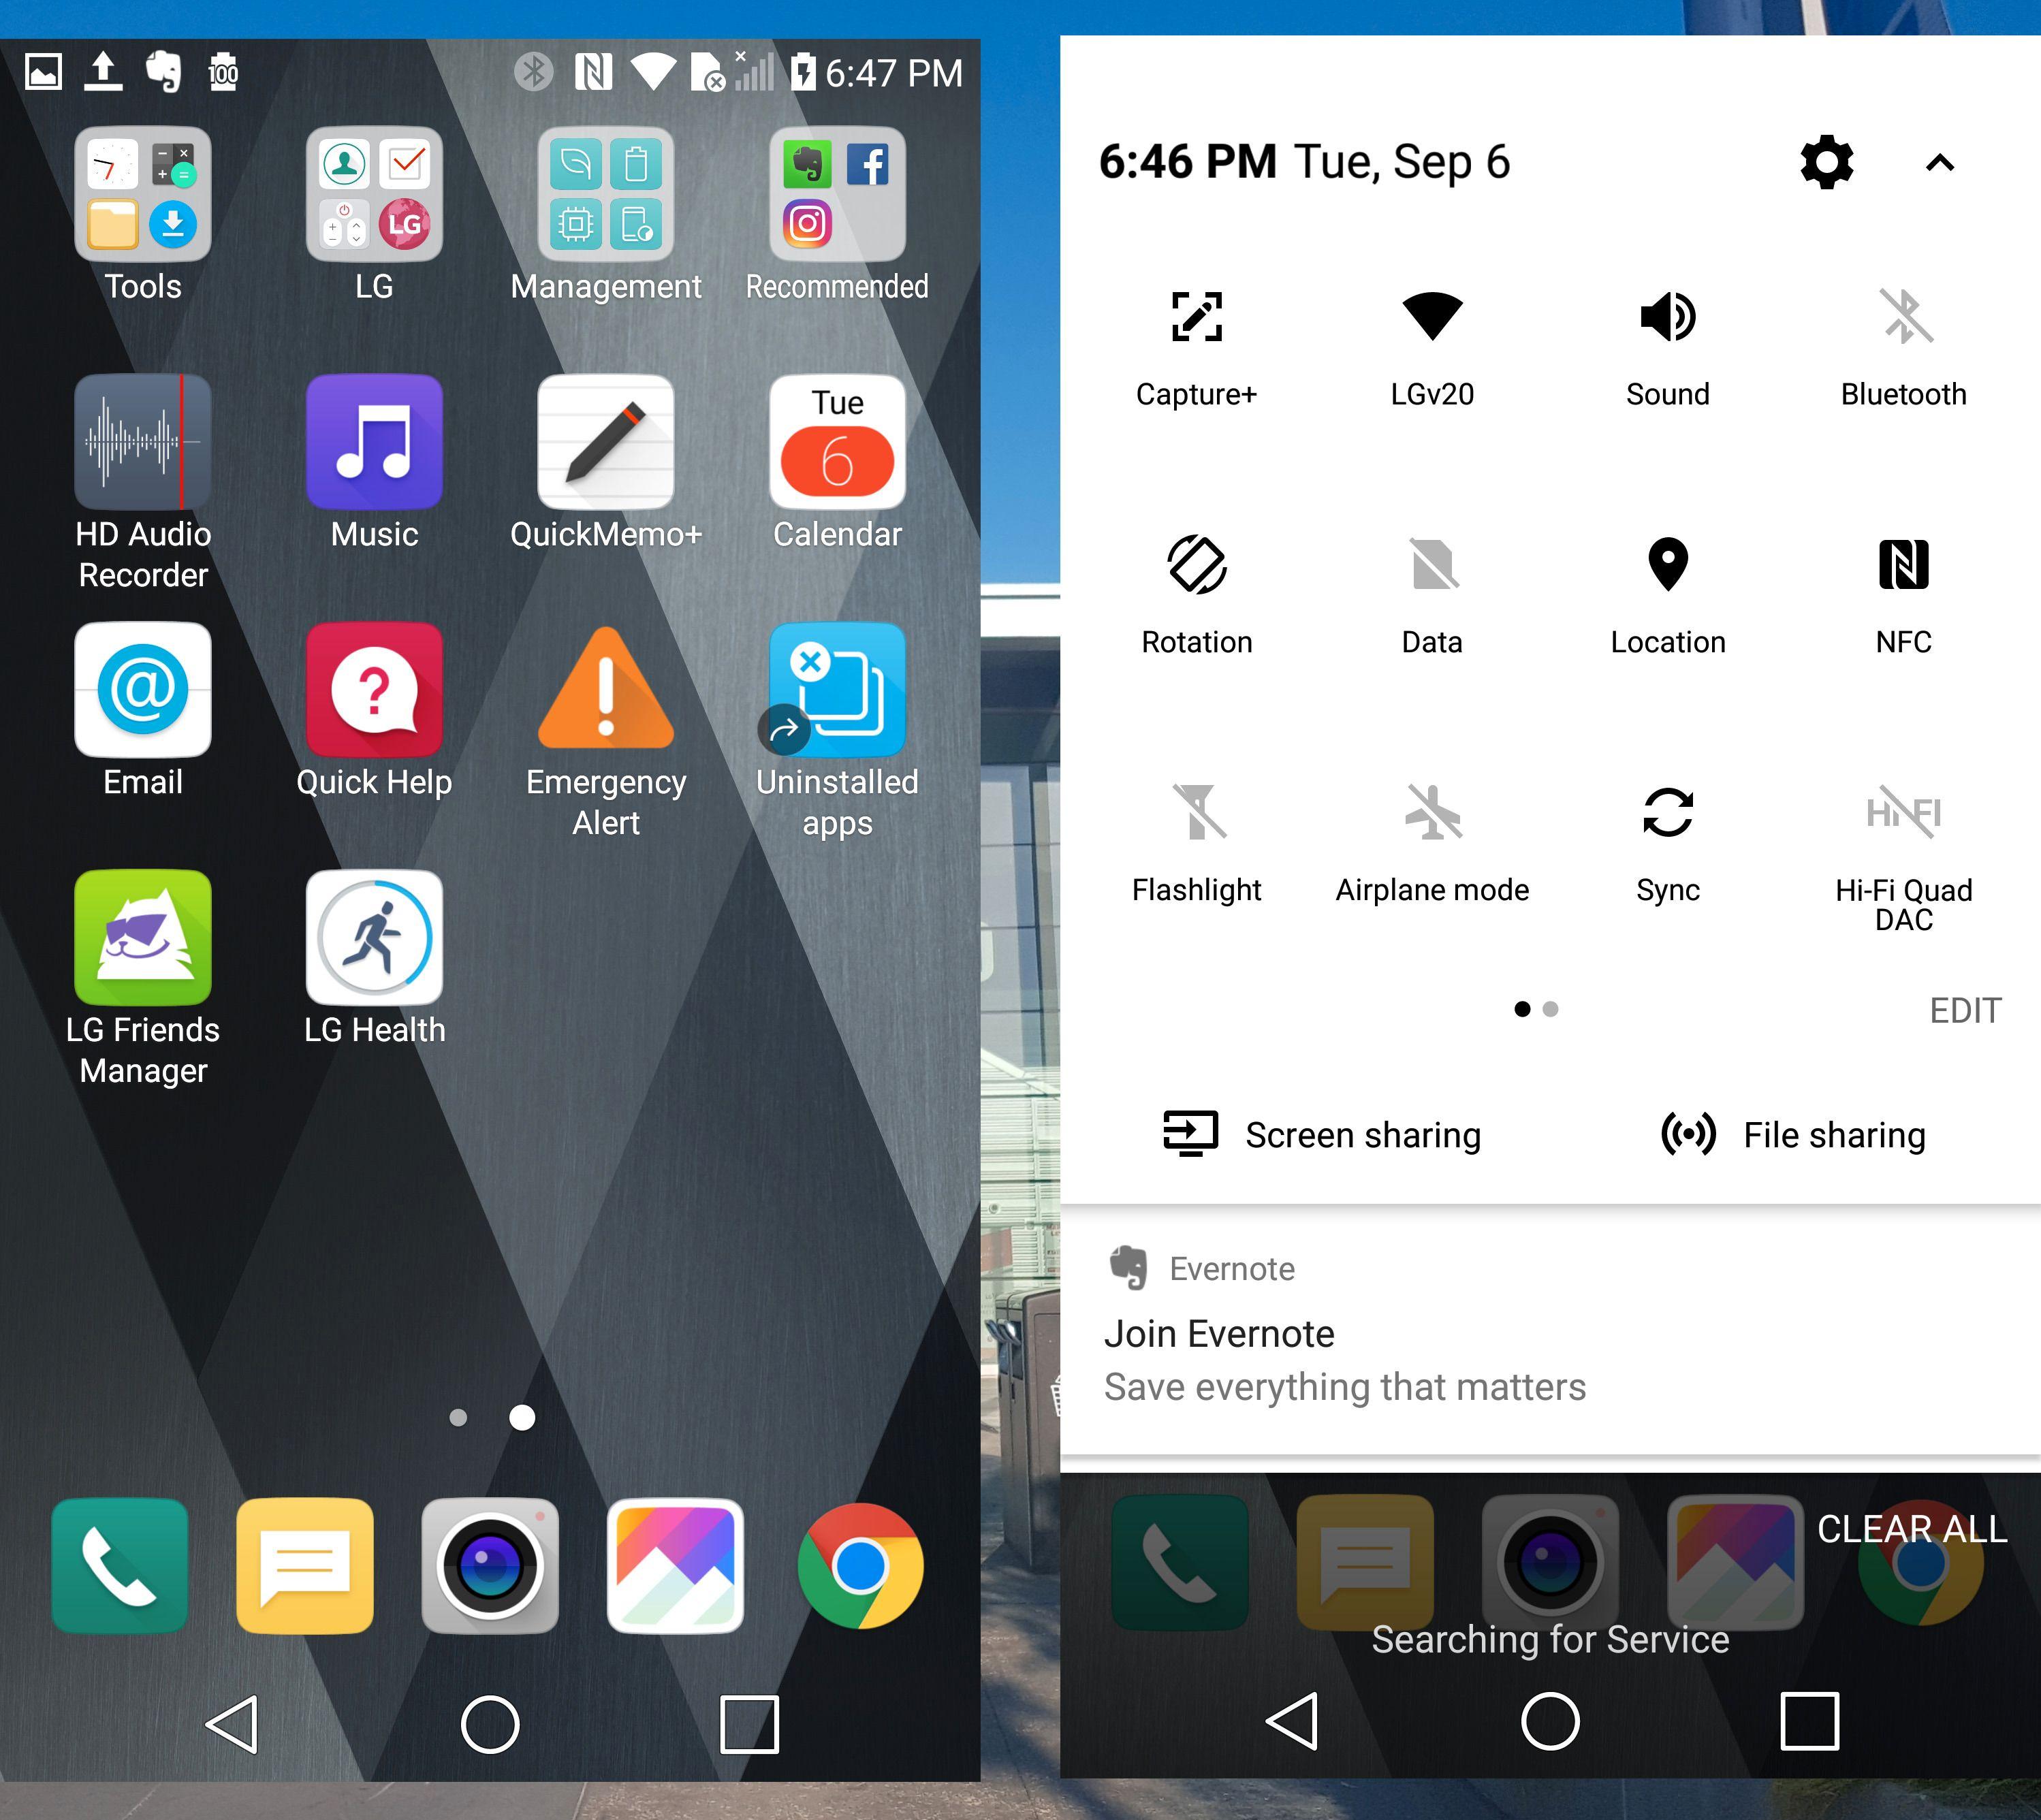 LG V20 er først ut med Android 7, og eksemplaret vi tittet på hadde ikke appmenyer bak hjemmeskjermene. G5 fikk dette som en oppdatering kort tid etter lansering. Kan hende finnes det et valg i menyene her også, men det ble det ikke tid til å se etter.